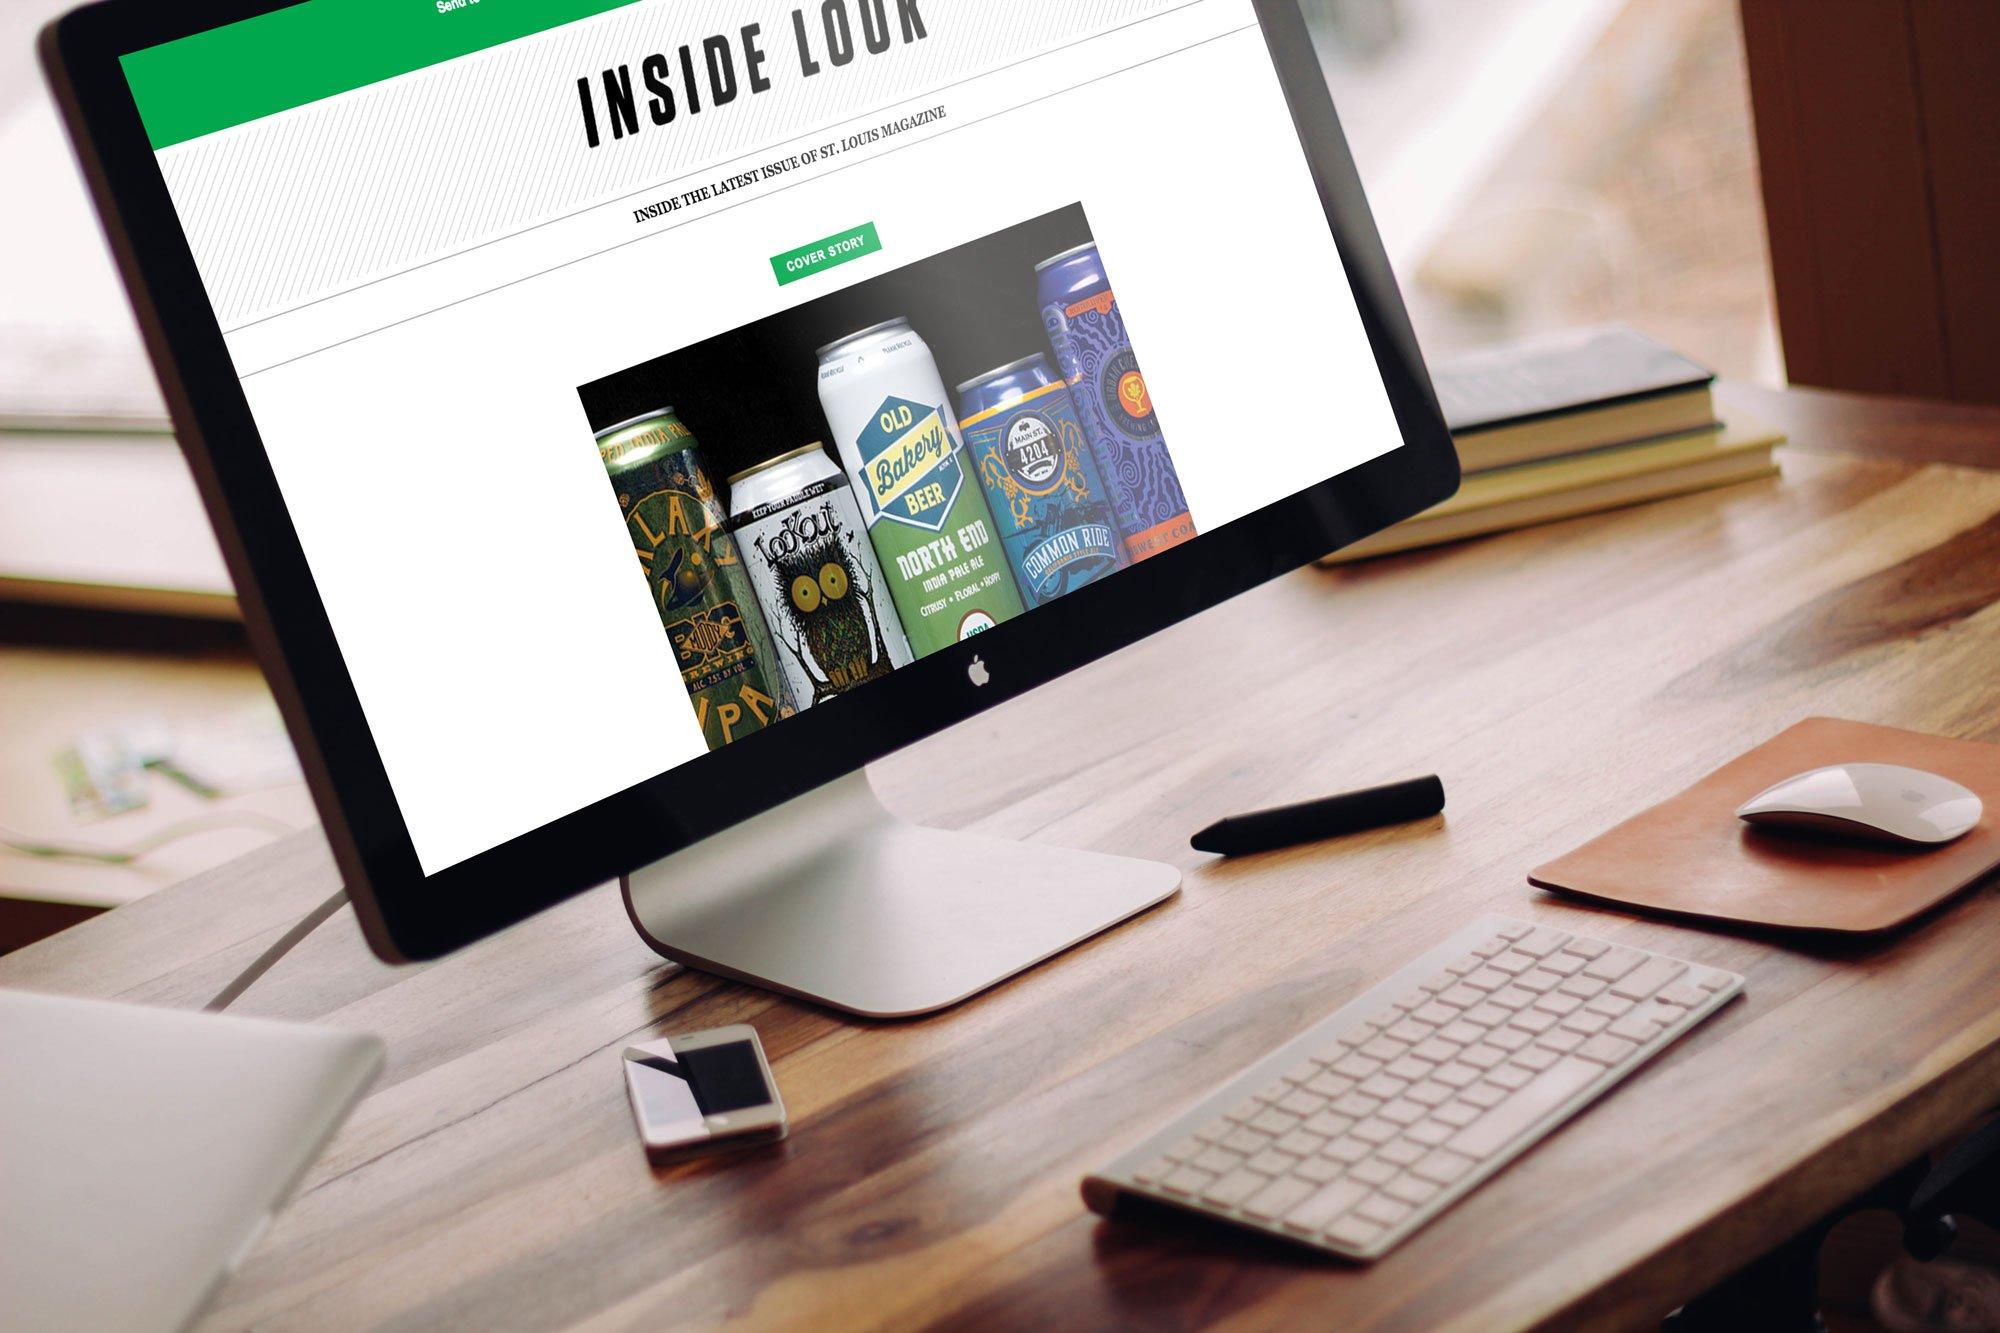 inside_look_newsletter.jpg